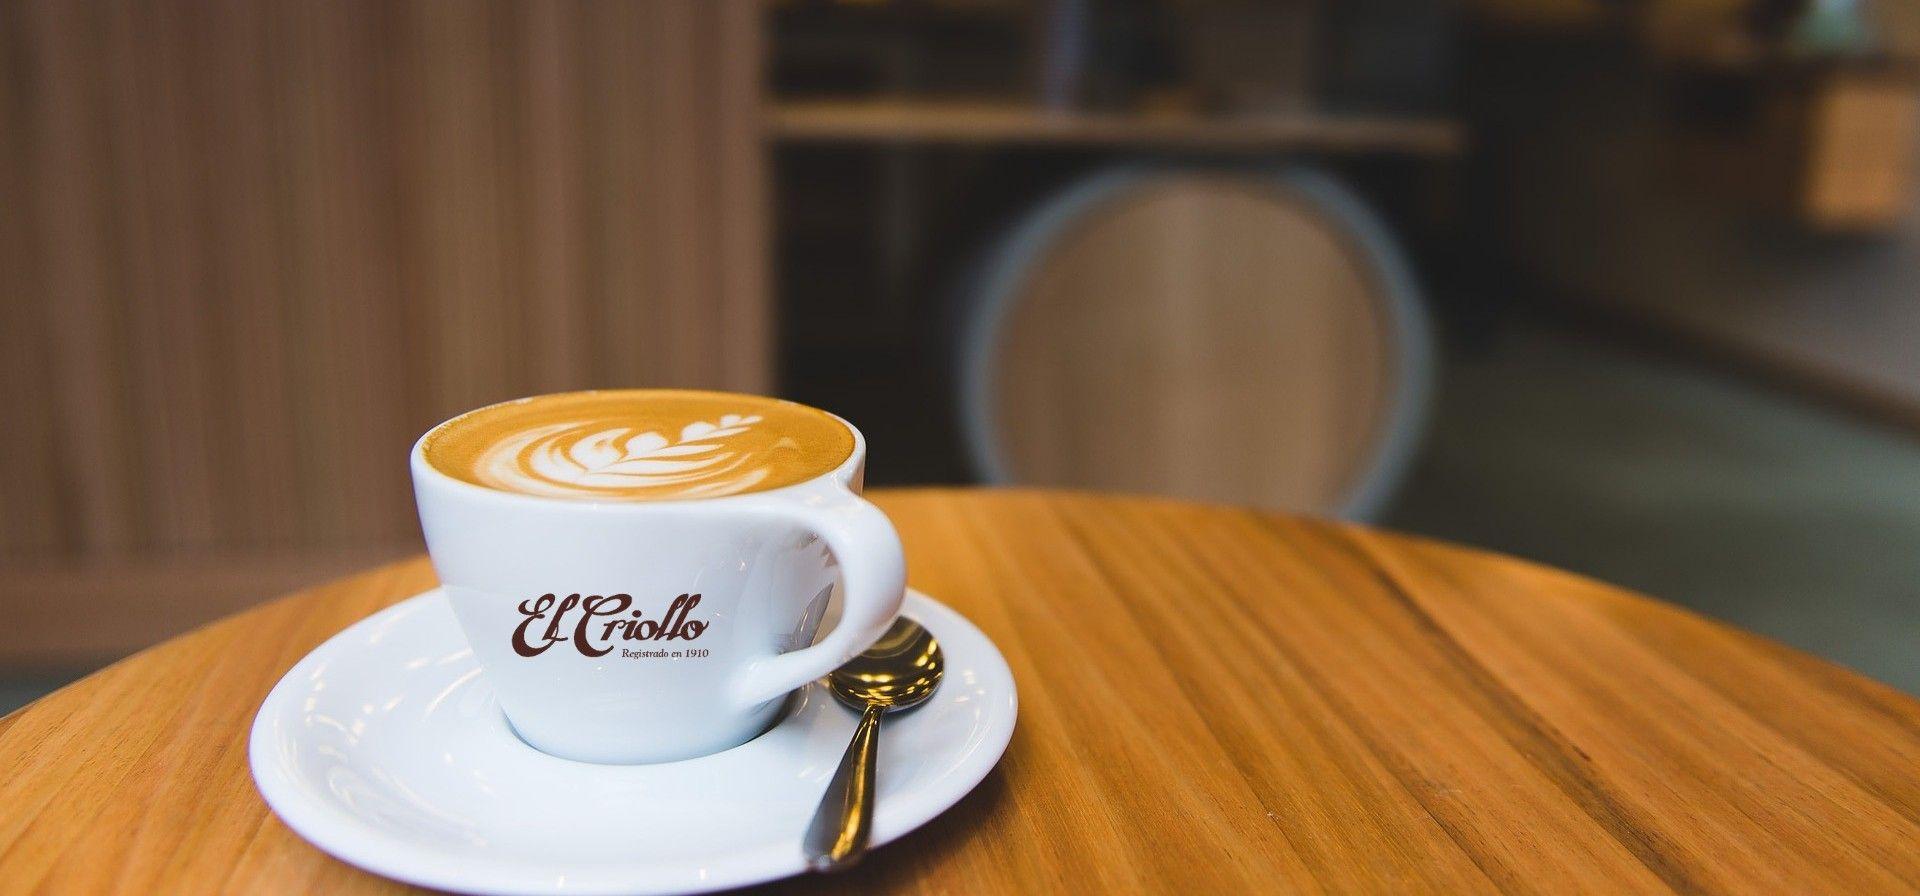 cafes-el-criollo-web